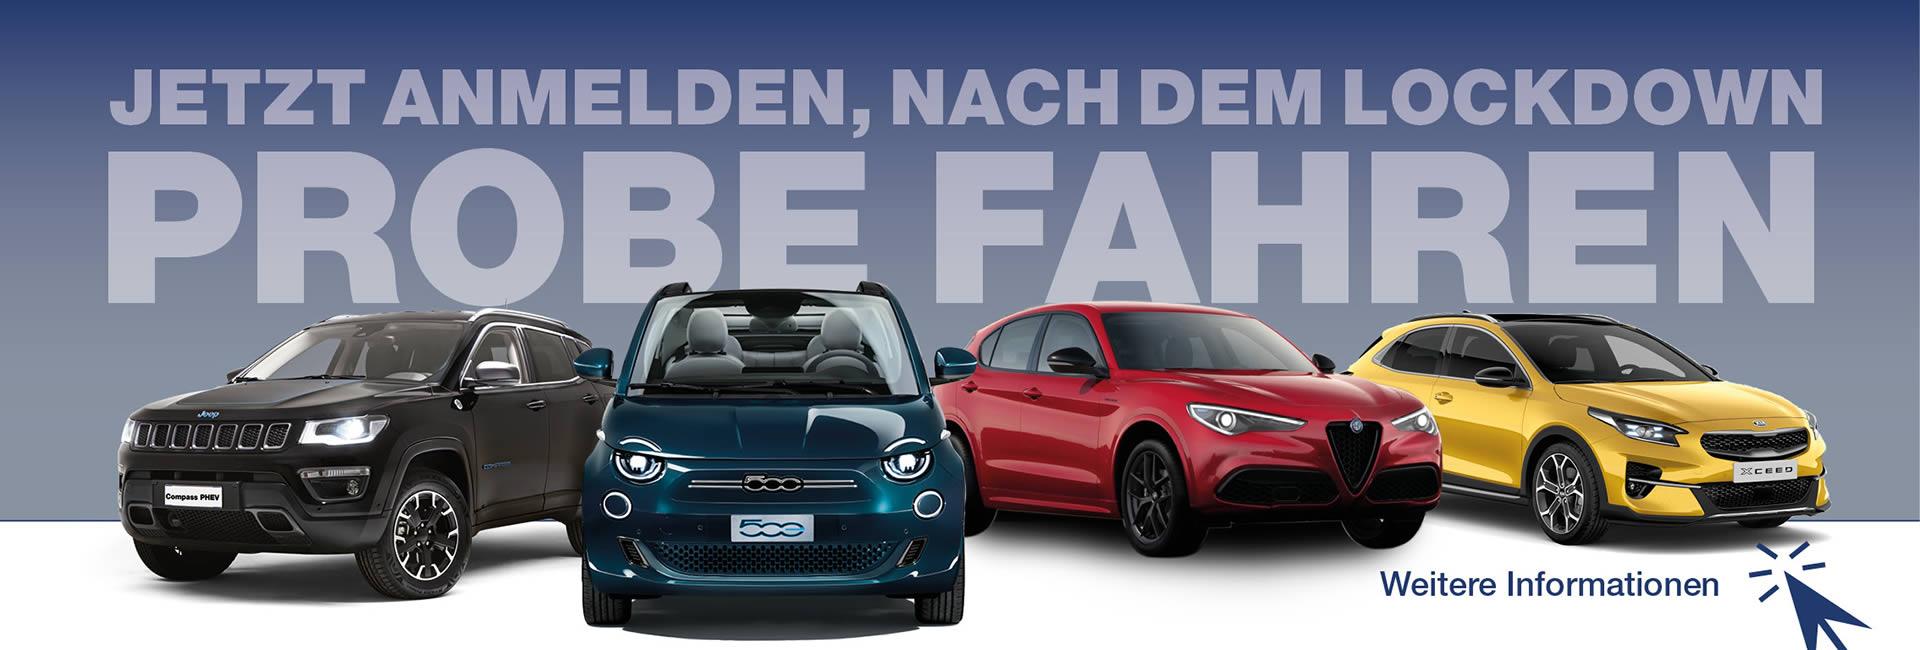 Slider Probefahrt nach Lockdown 12-2020 Autohaus Mayrhörmann GmbH